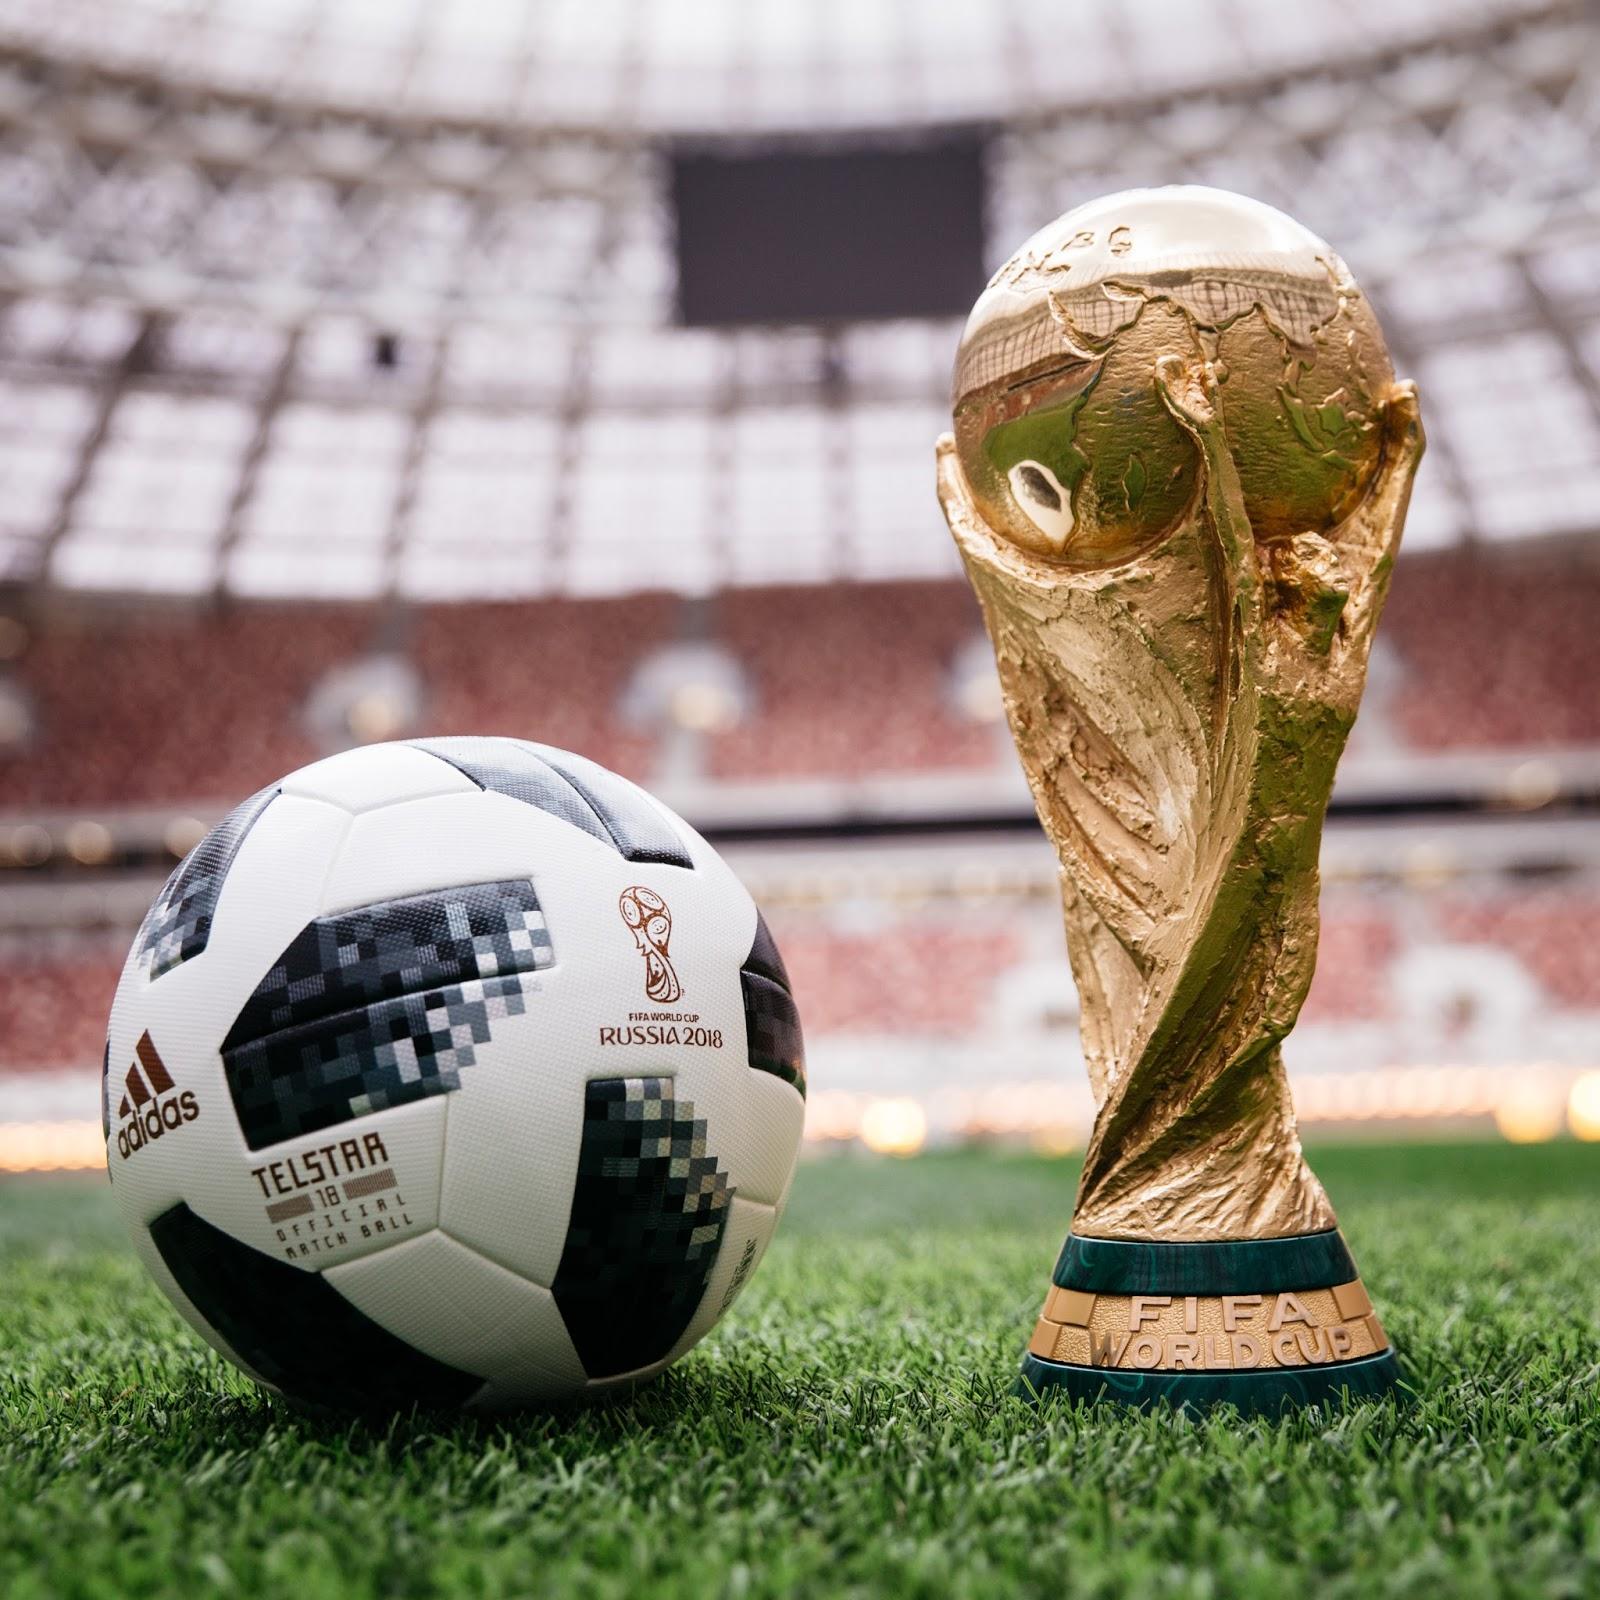 fac69c66846cb adidas Football reveló el Balón Oficial de la Copa Mundial de la FIFA  2018™. El Telstar 18 será utilizado por los mejores jugadores del mundo en  su búsqueda ...